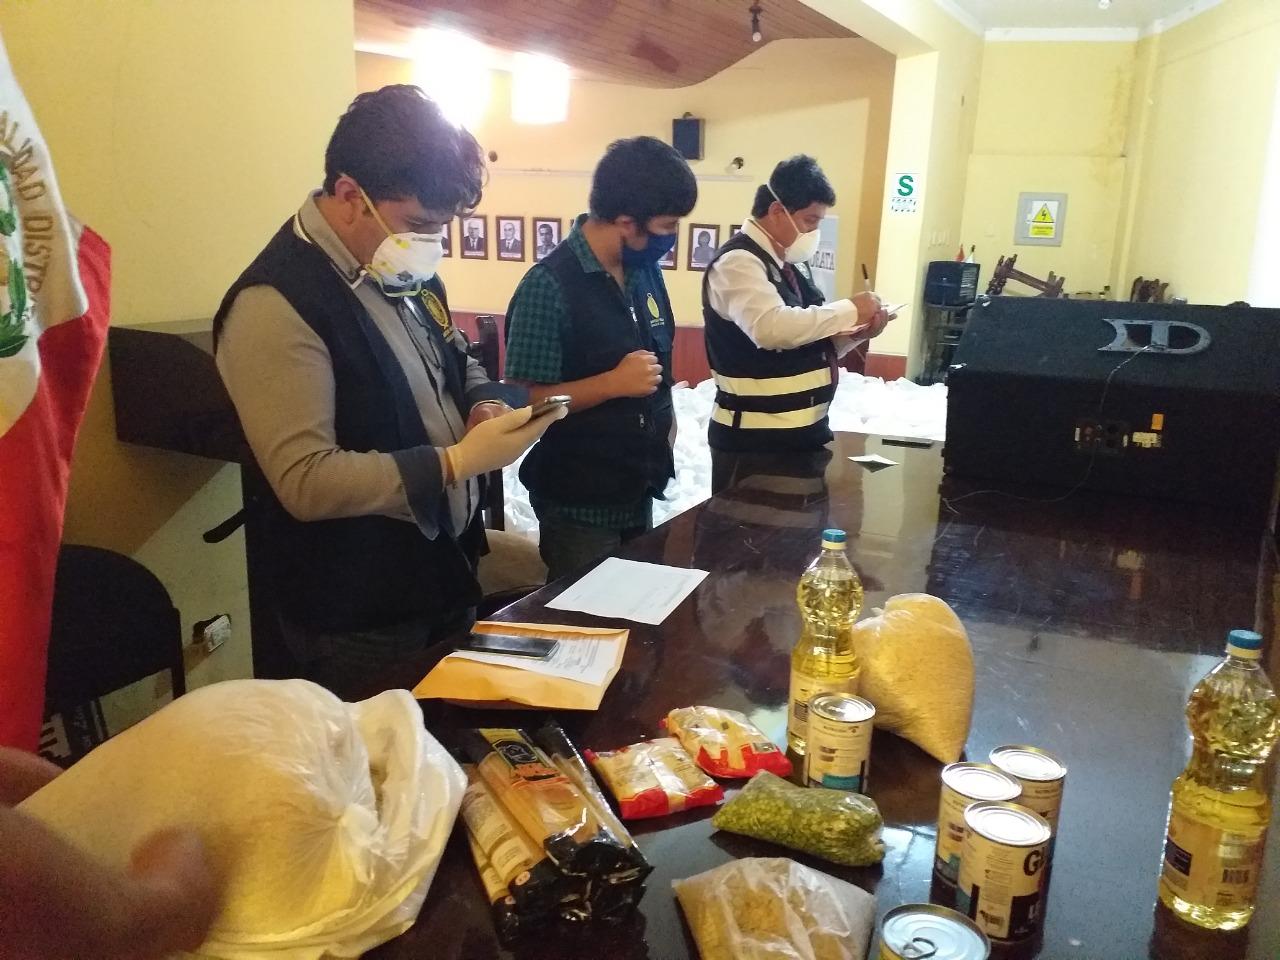 MUNICIPALIDAD DE TORATA INFORMA A LA FISCALÍA ANTICORRUPCIÓN Y CONTRALORÍA LA COMPOSICIÓN DE LA CANASTA BÁSICA FAMILIAR